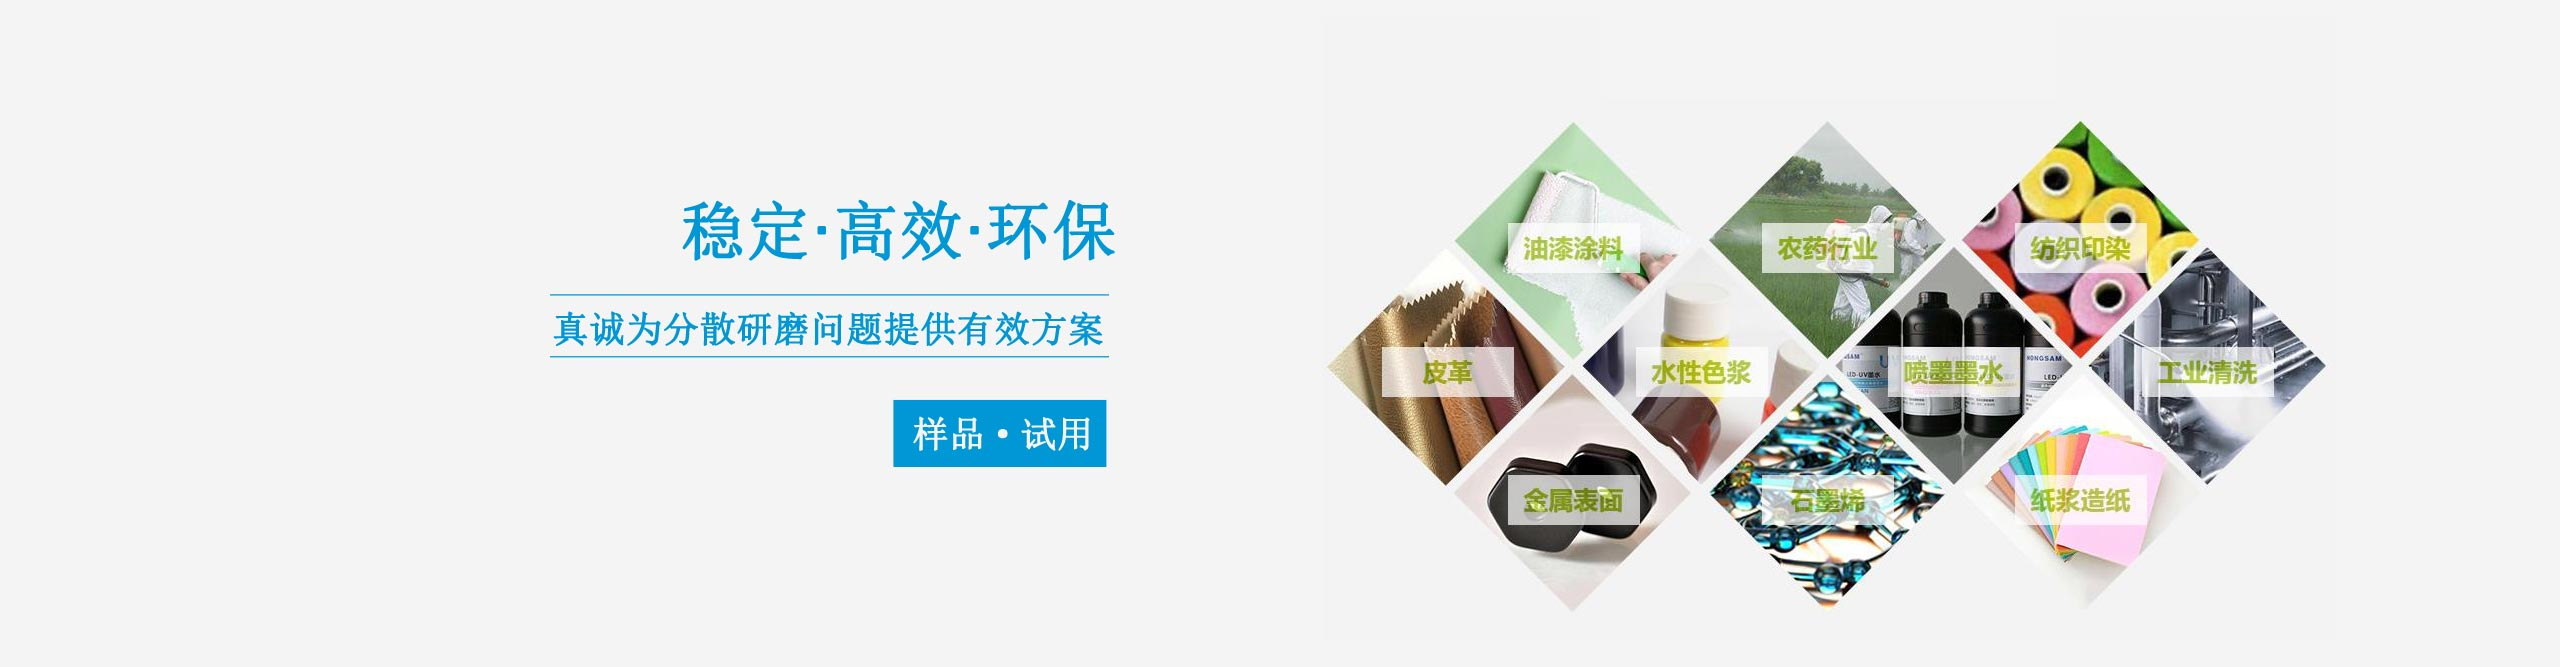 北京心善德福科技有限公司